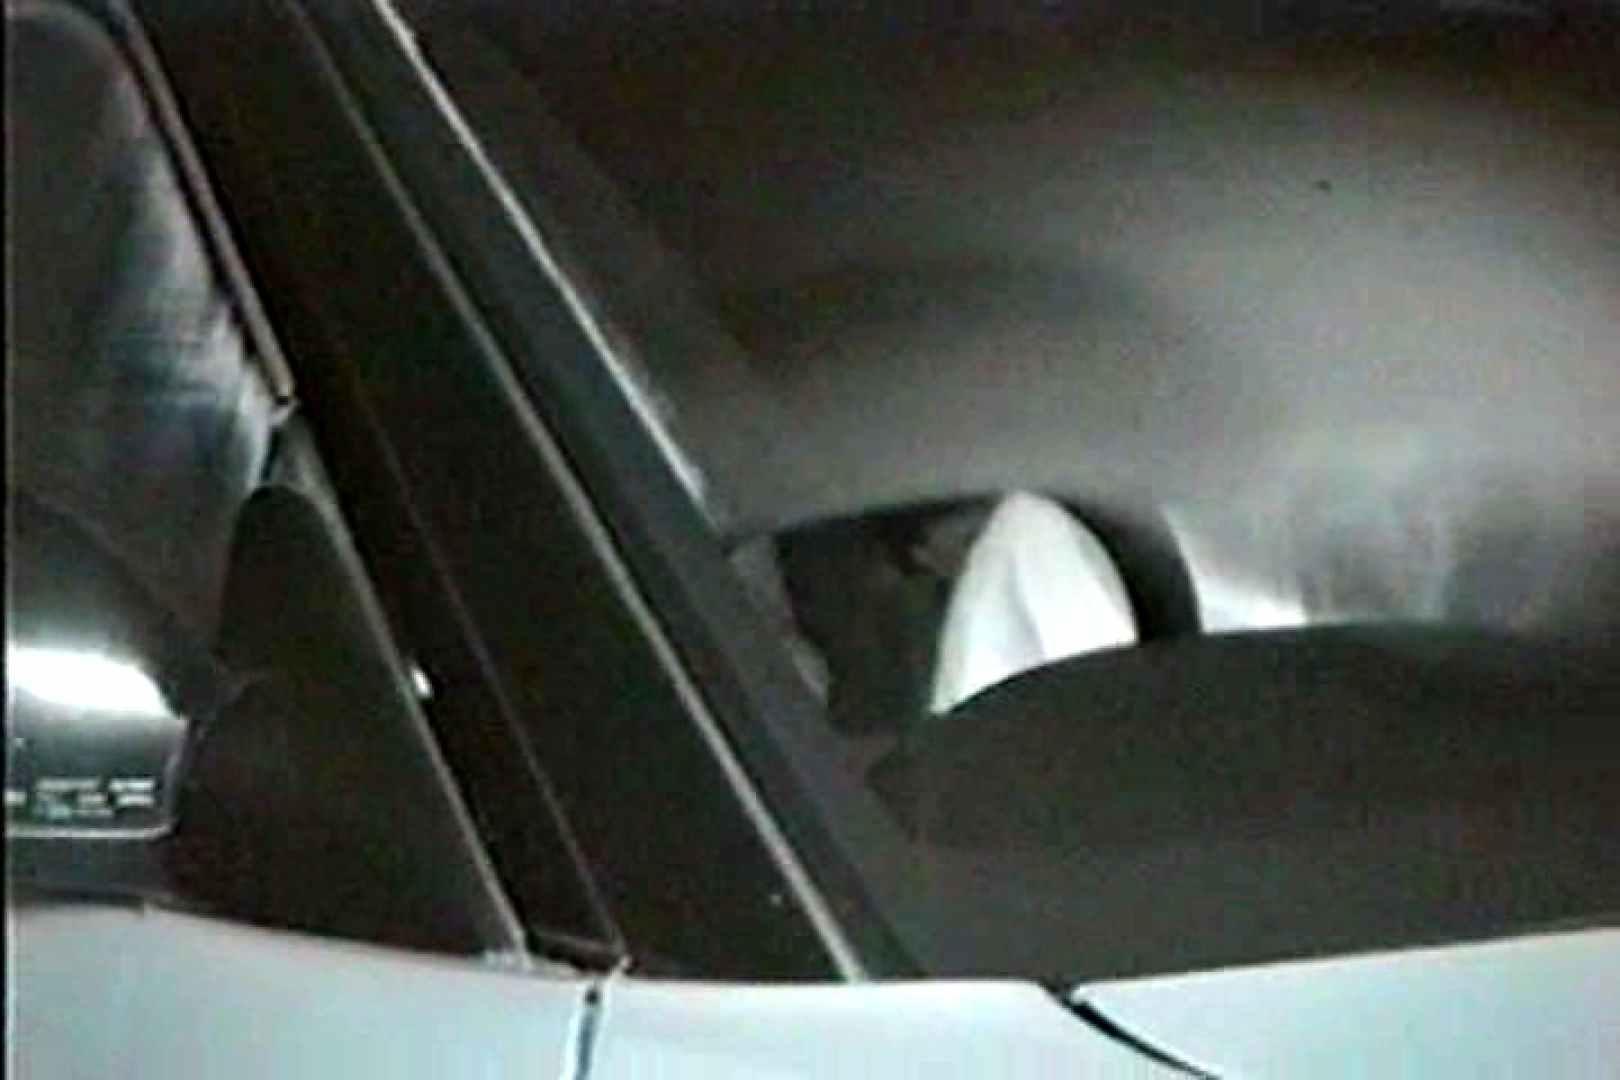 車の中はラブホテル 無修正版  Vol.8 濃厚セックス 盗撮動画紹介 108PICs 59